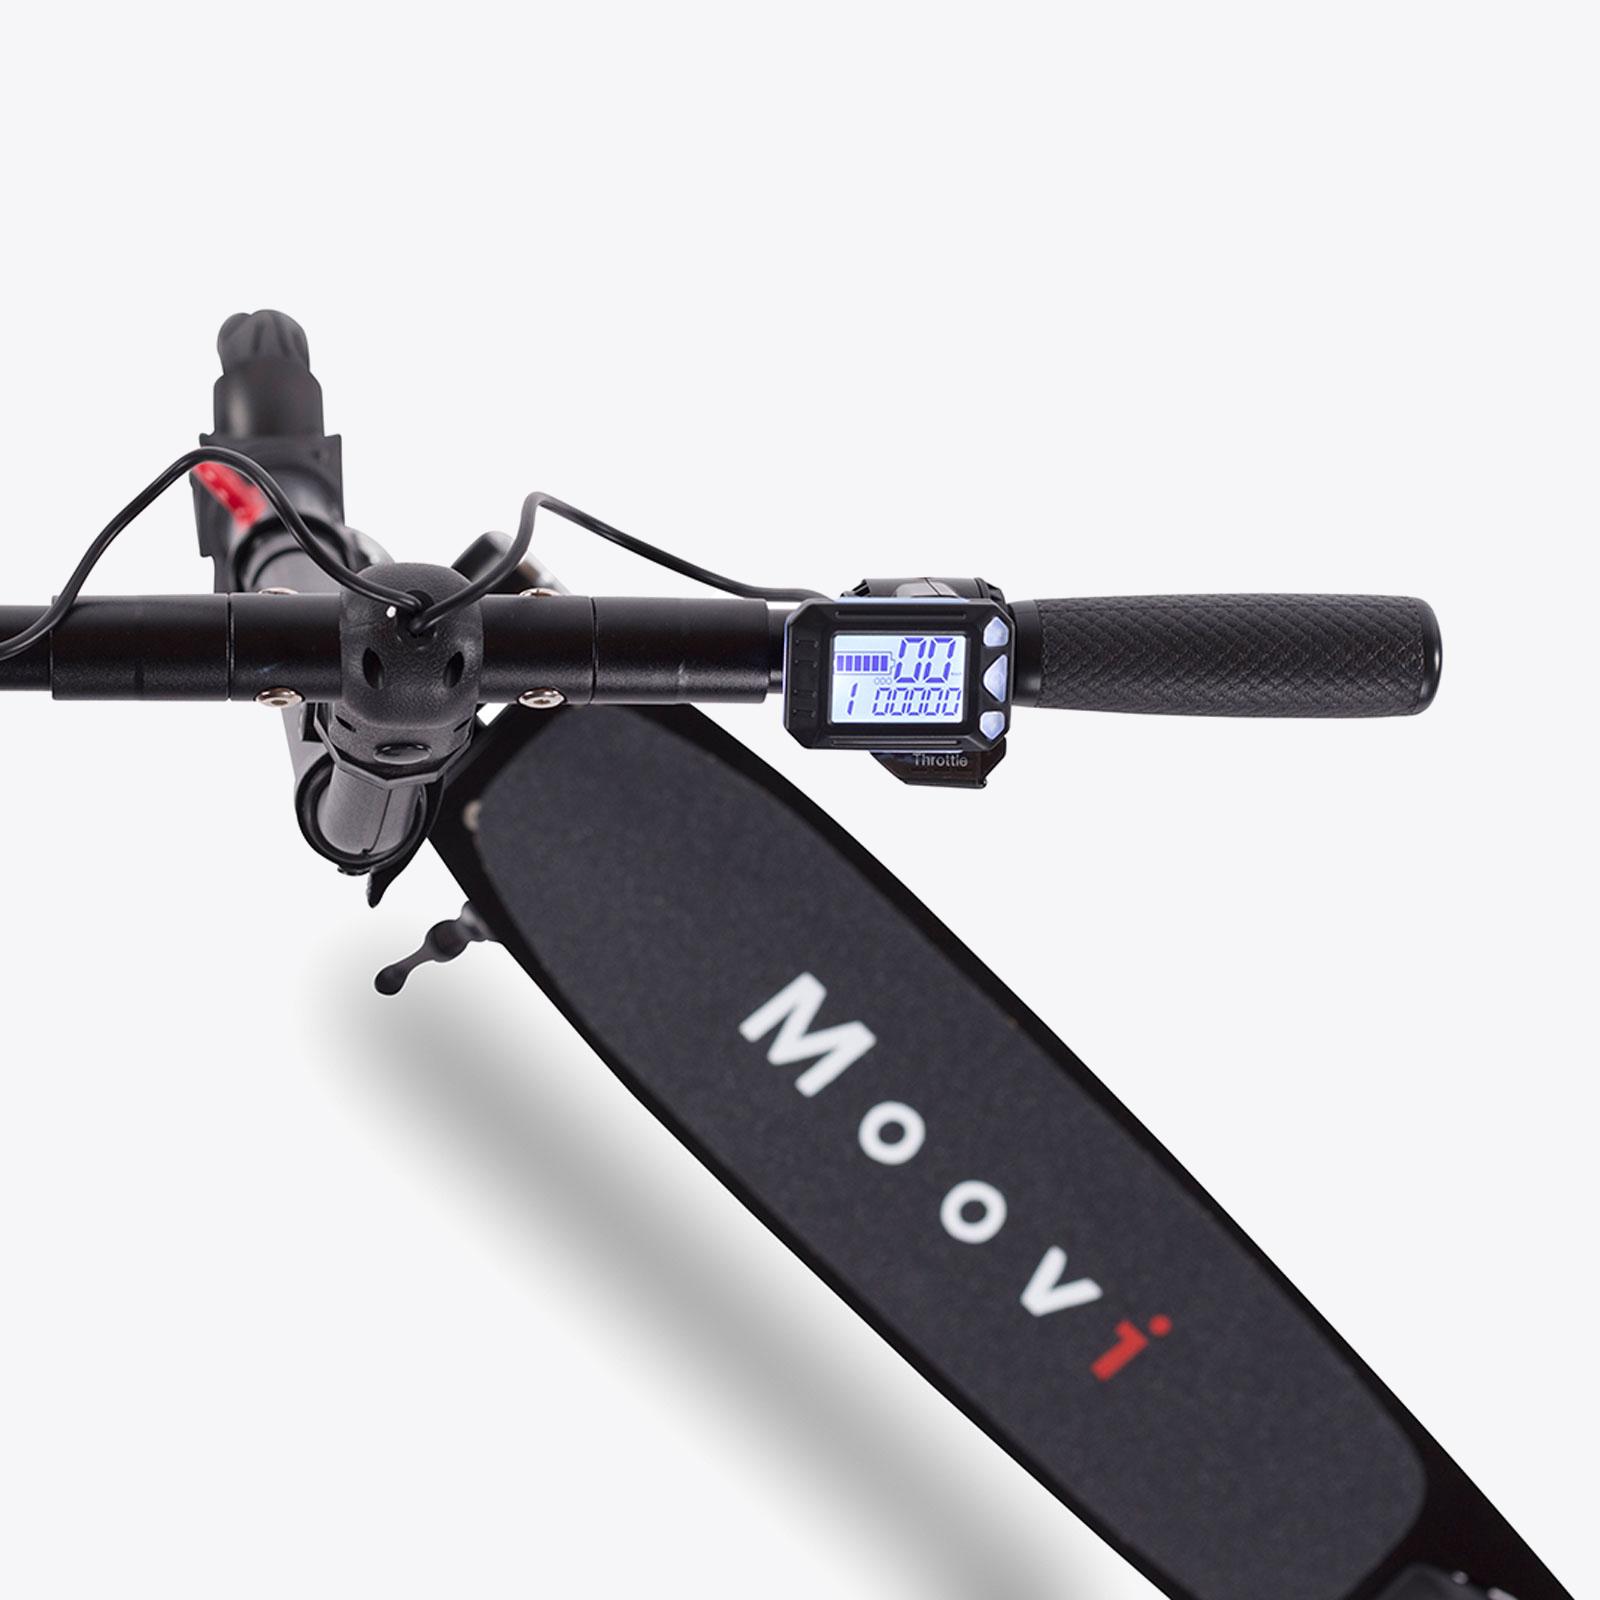 Moovi Mini E-Scooter